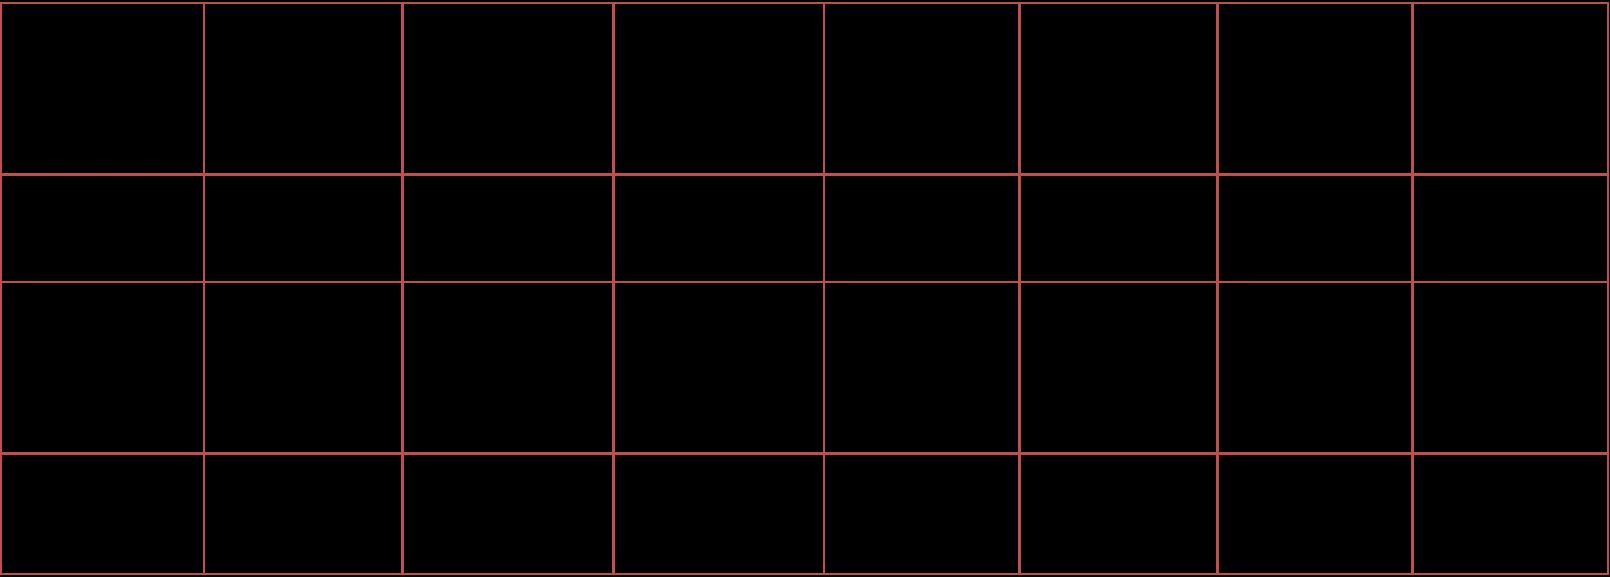 Word grid causes